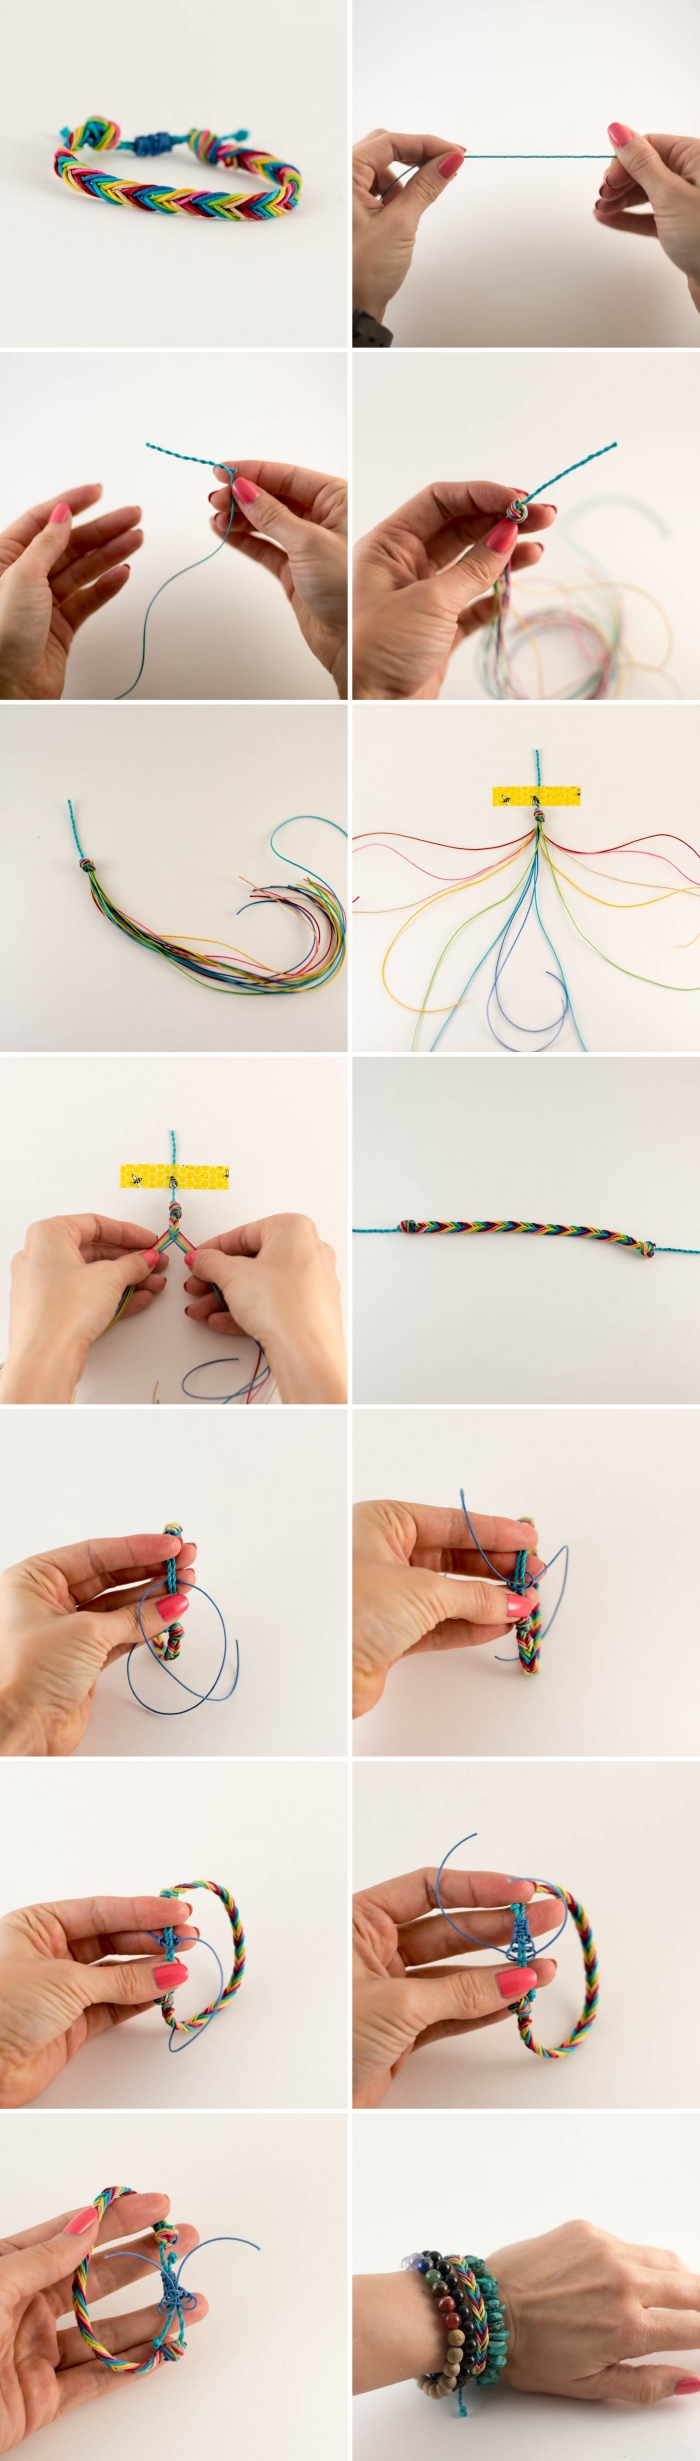 pas à pas fabrication bracelet multicolore en noeuds, diy bracelet tressé en fil scoubidou, modèle bijou fait main facile